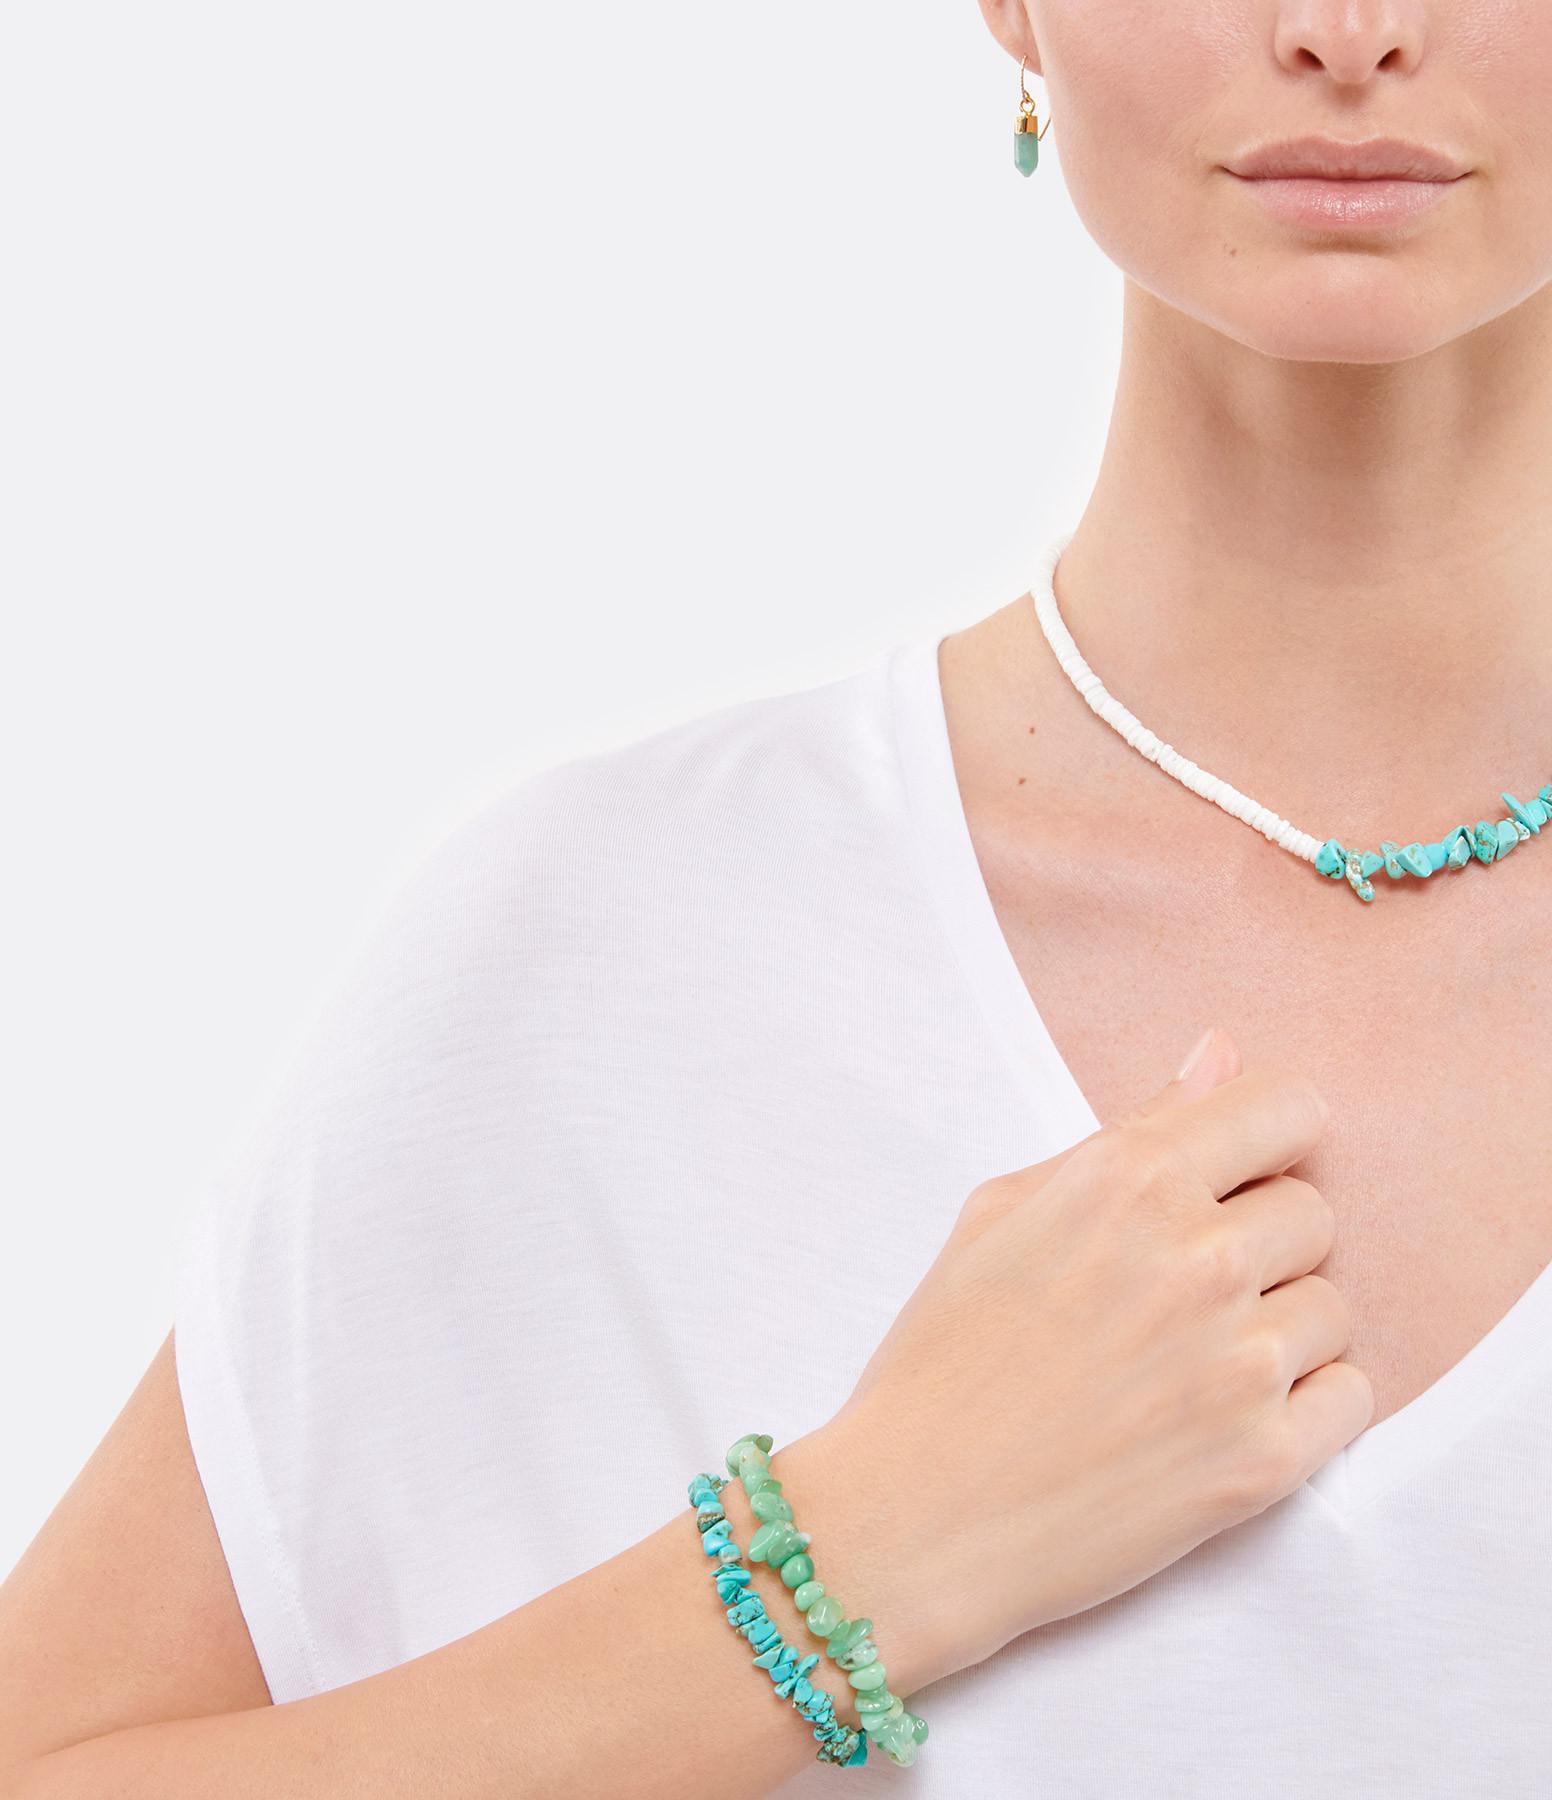 MON PRECIEUX GEM - Bracelet Facettes Chryoprase